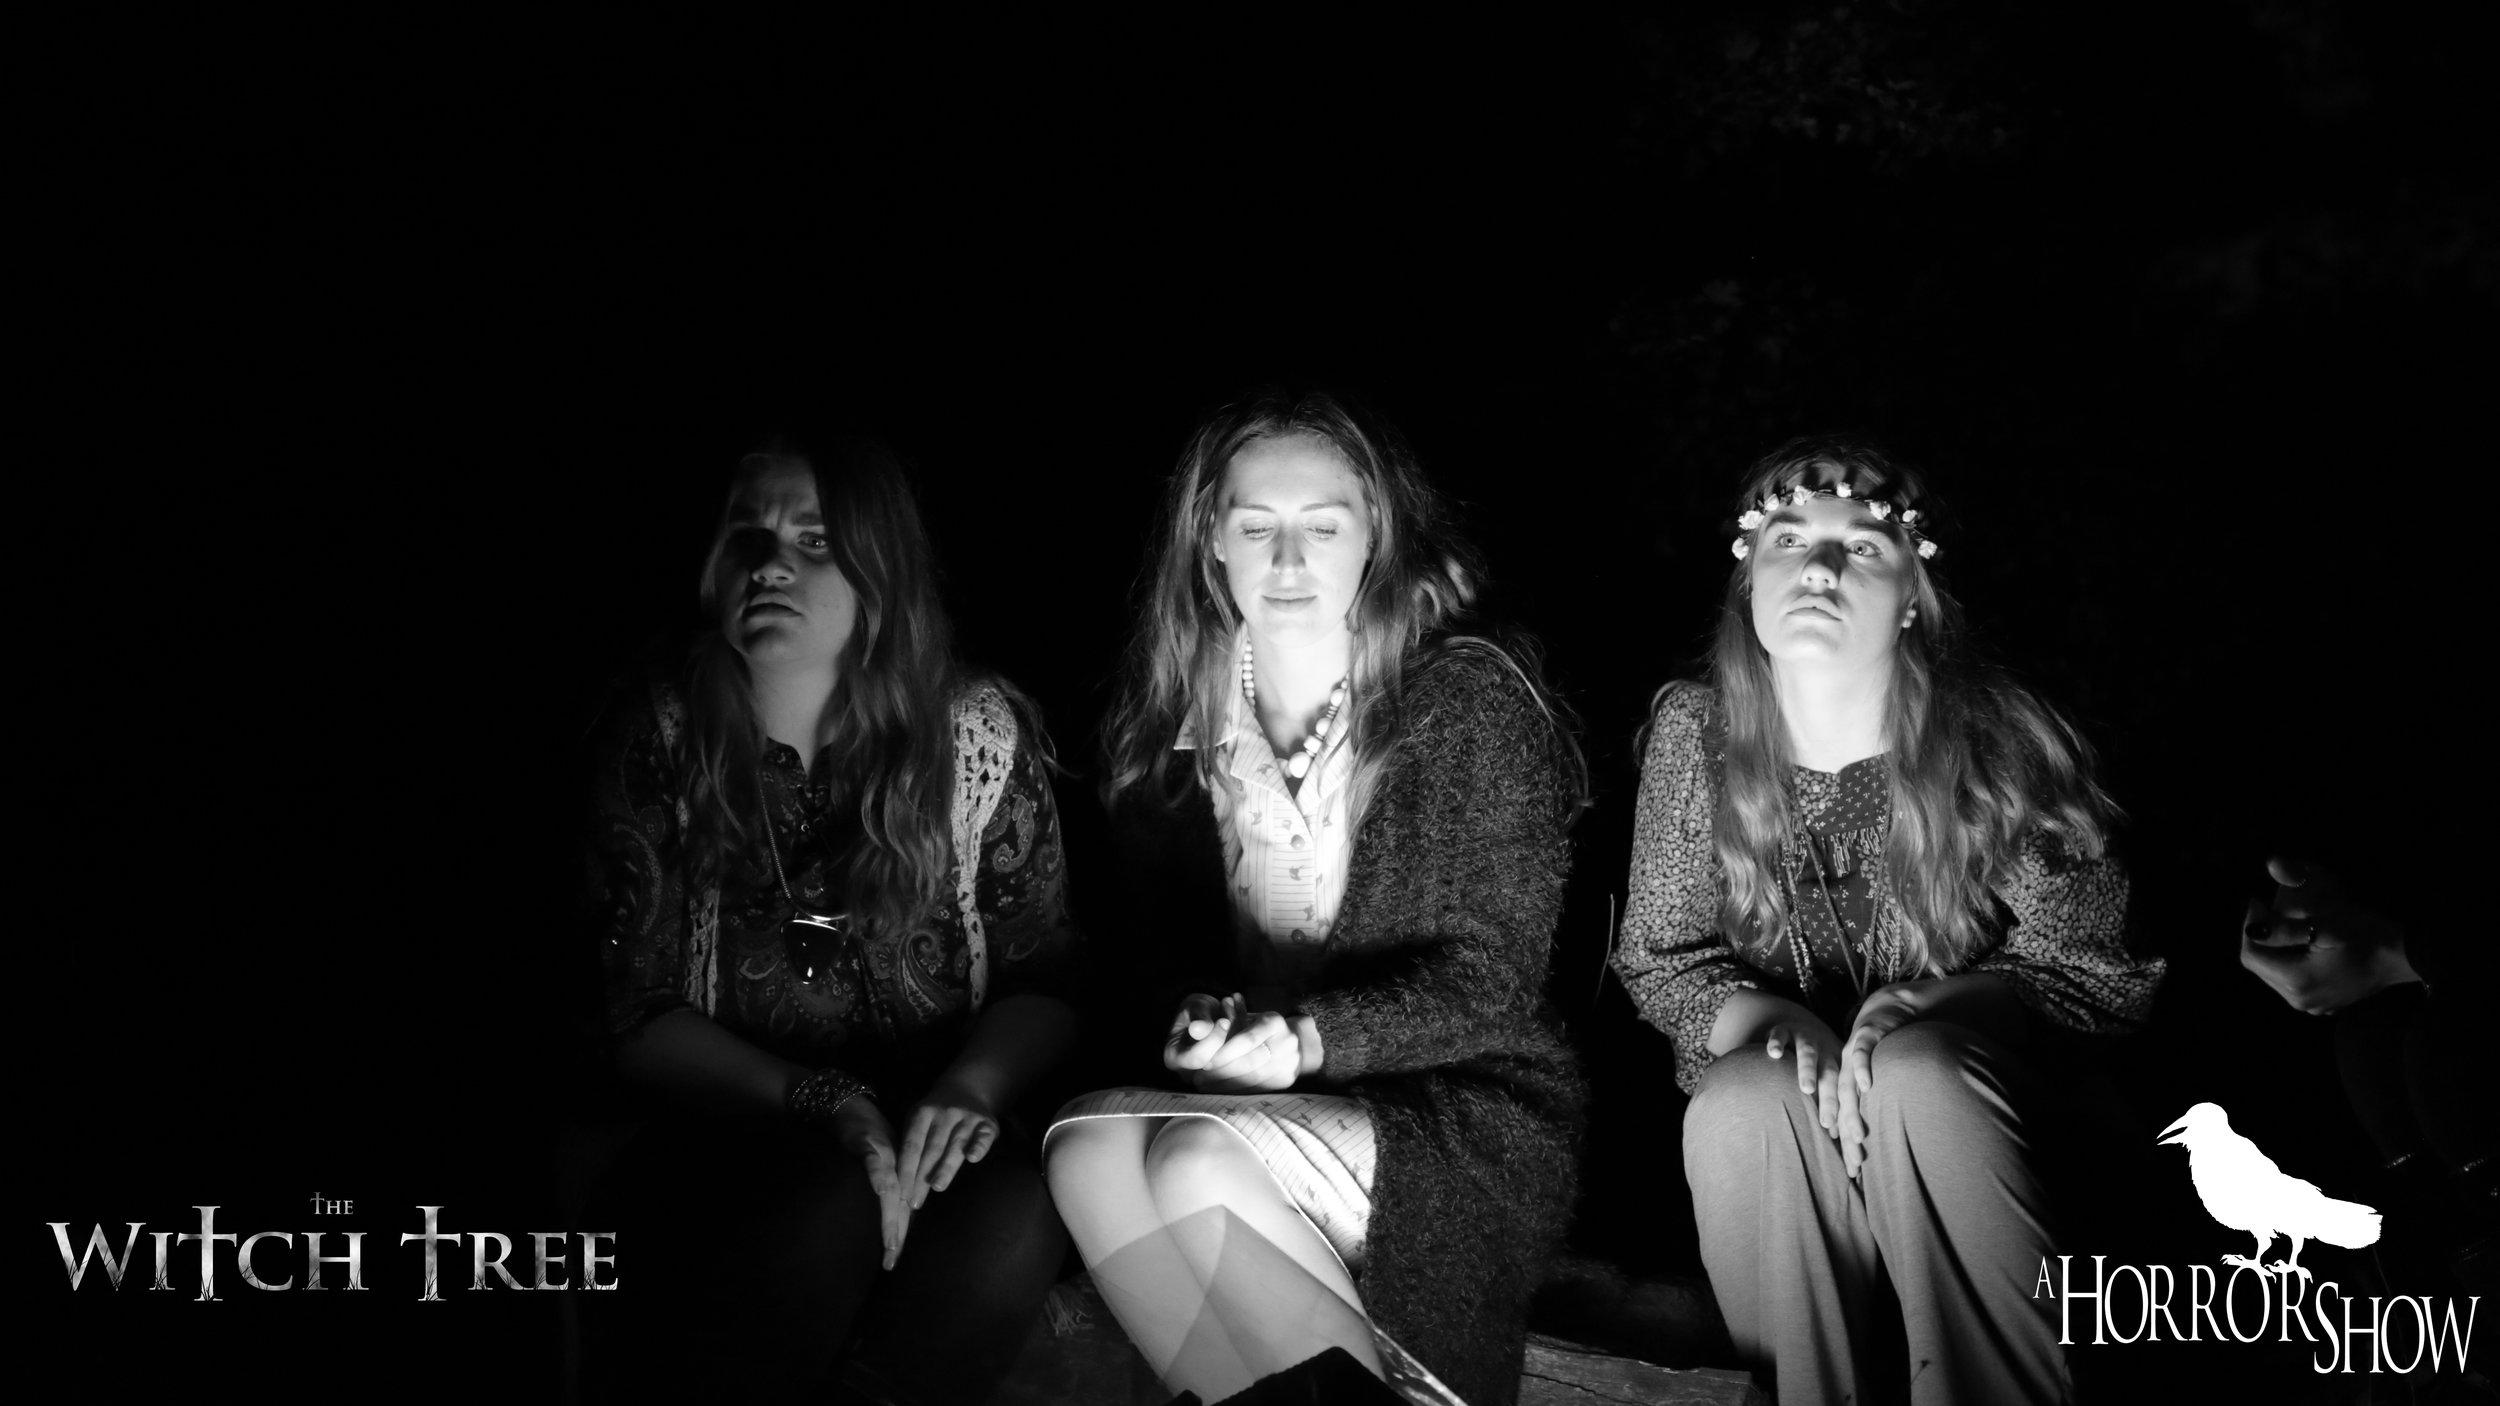 THE WITCH TREE BTS STILLS_053.JPG